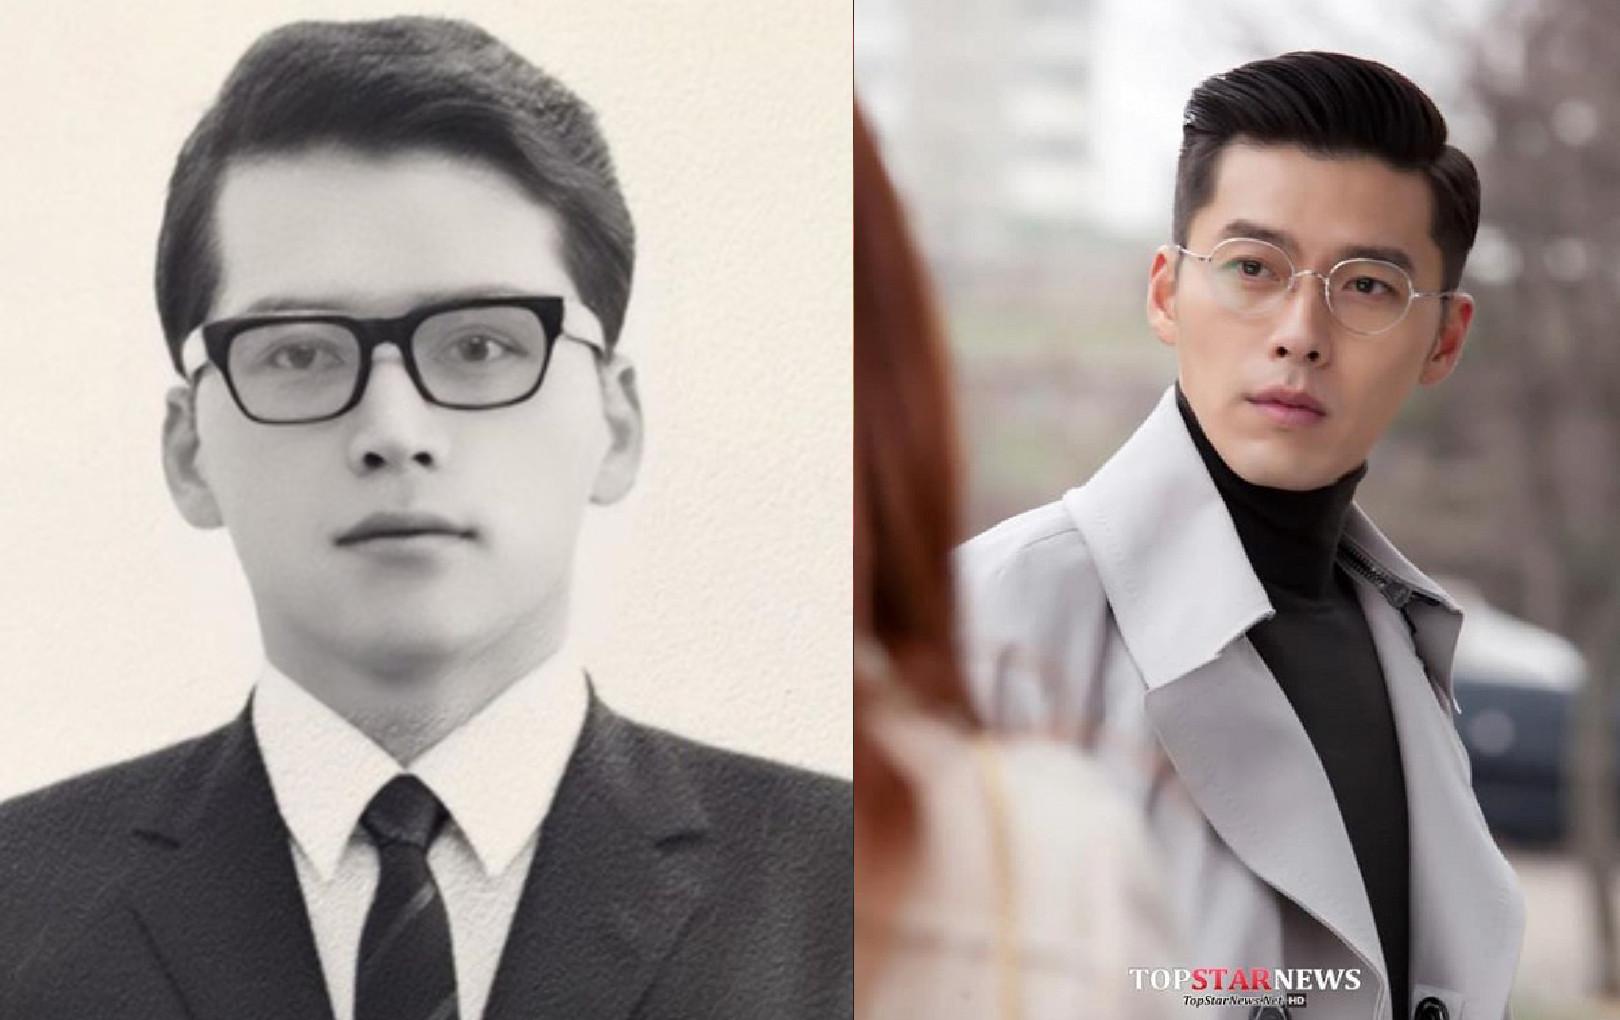 Bức ảnh gây lúc nhất hôm nay: Ảnh thời còn trẻ của bố Song Seung Hun gây sốc vì quá giống Hyun Bin